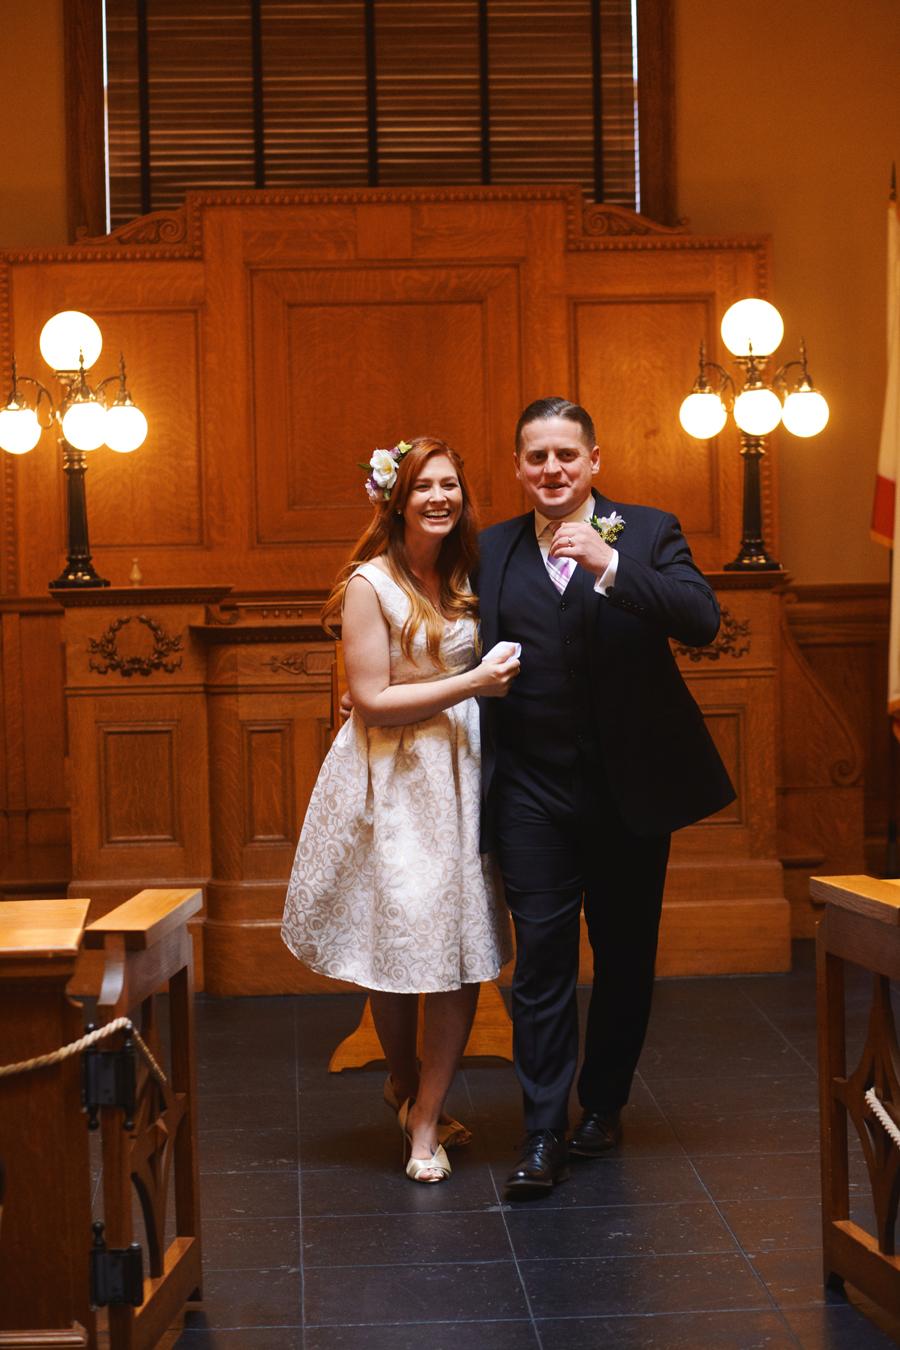 old_orange_county_courthouse_wedding016.jpg